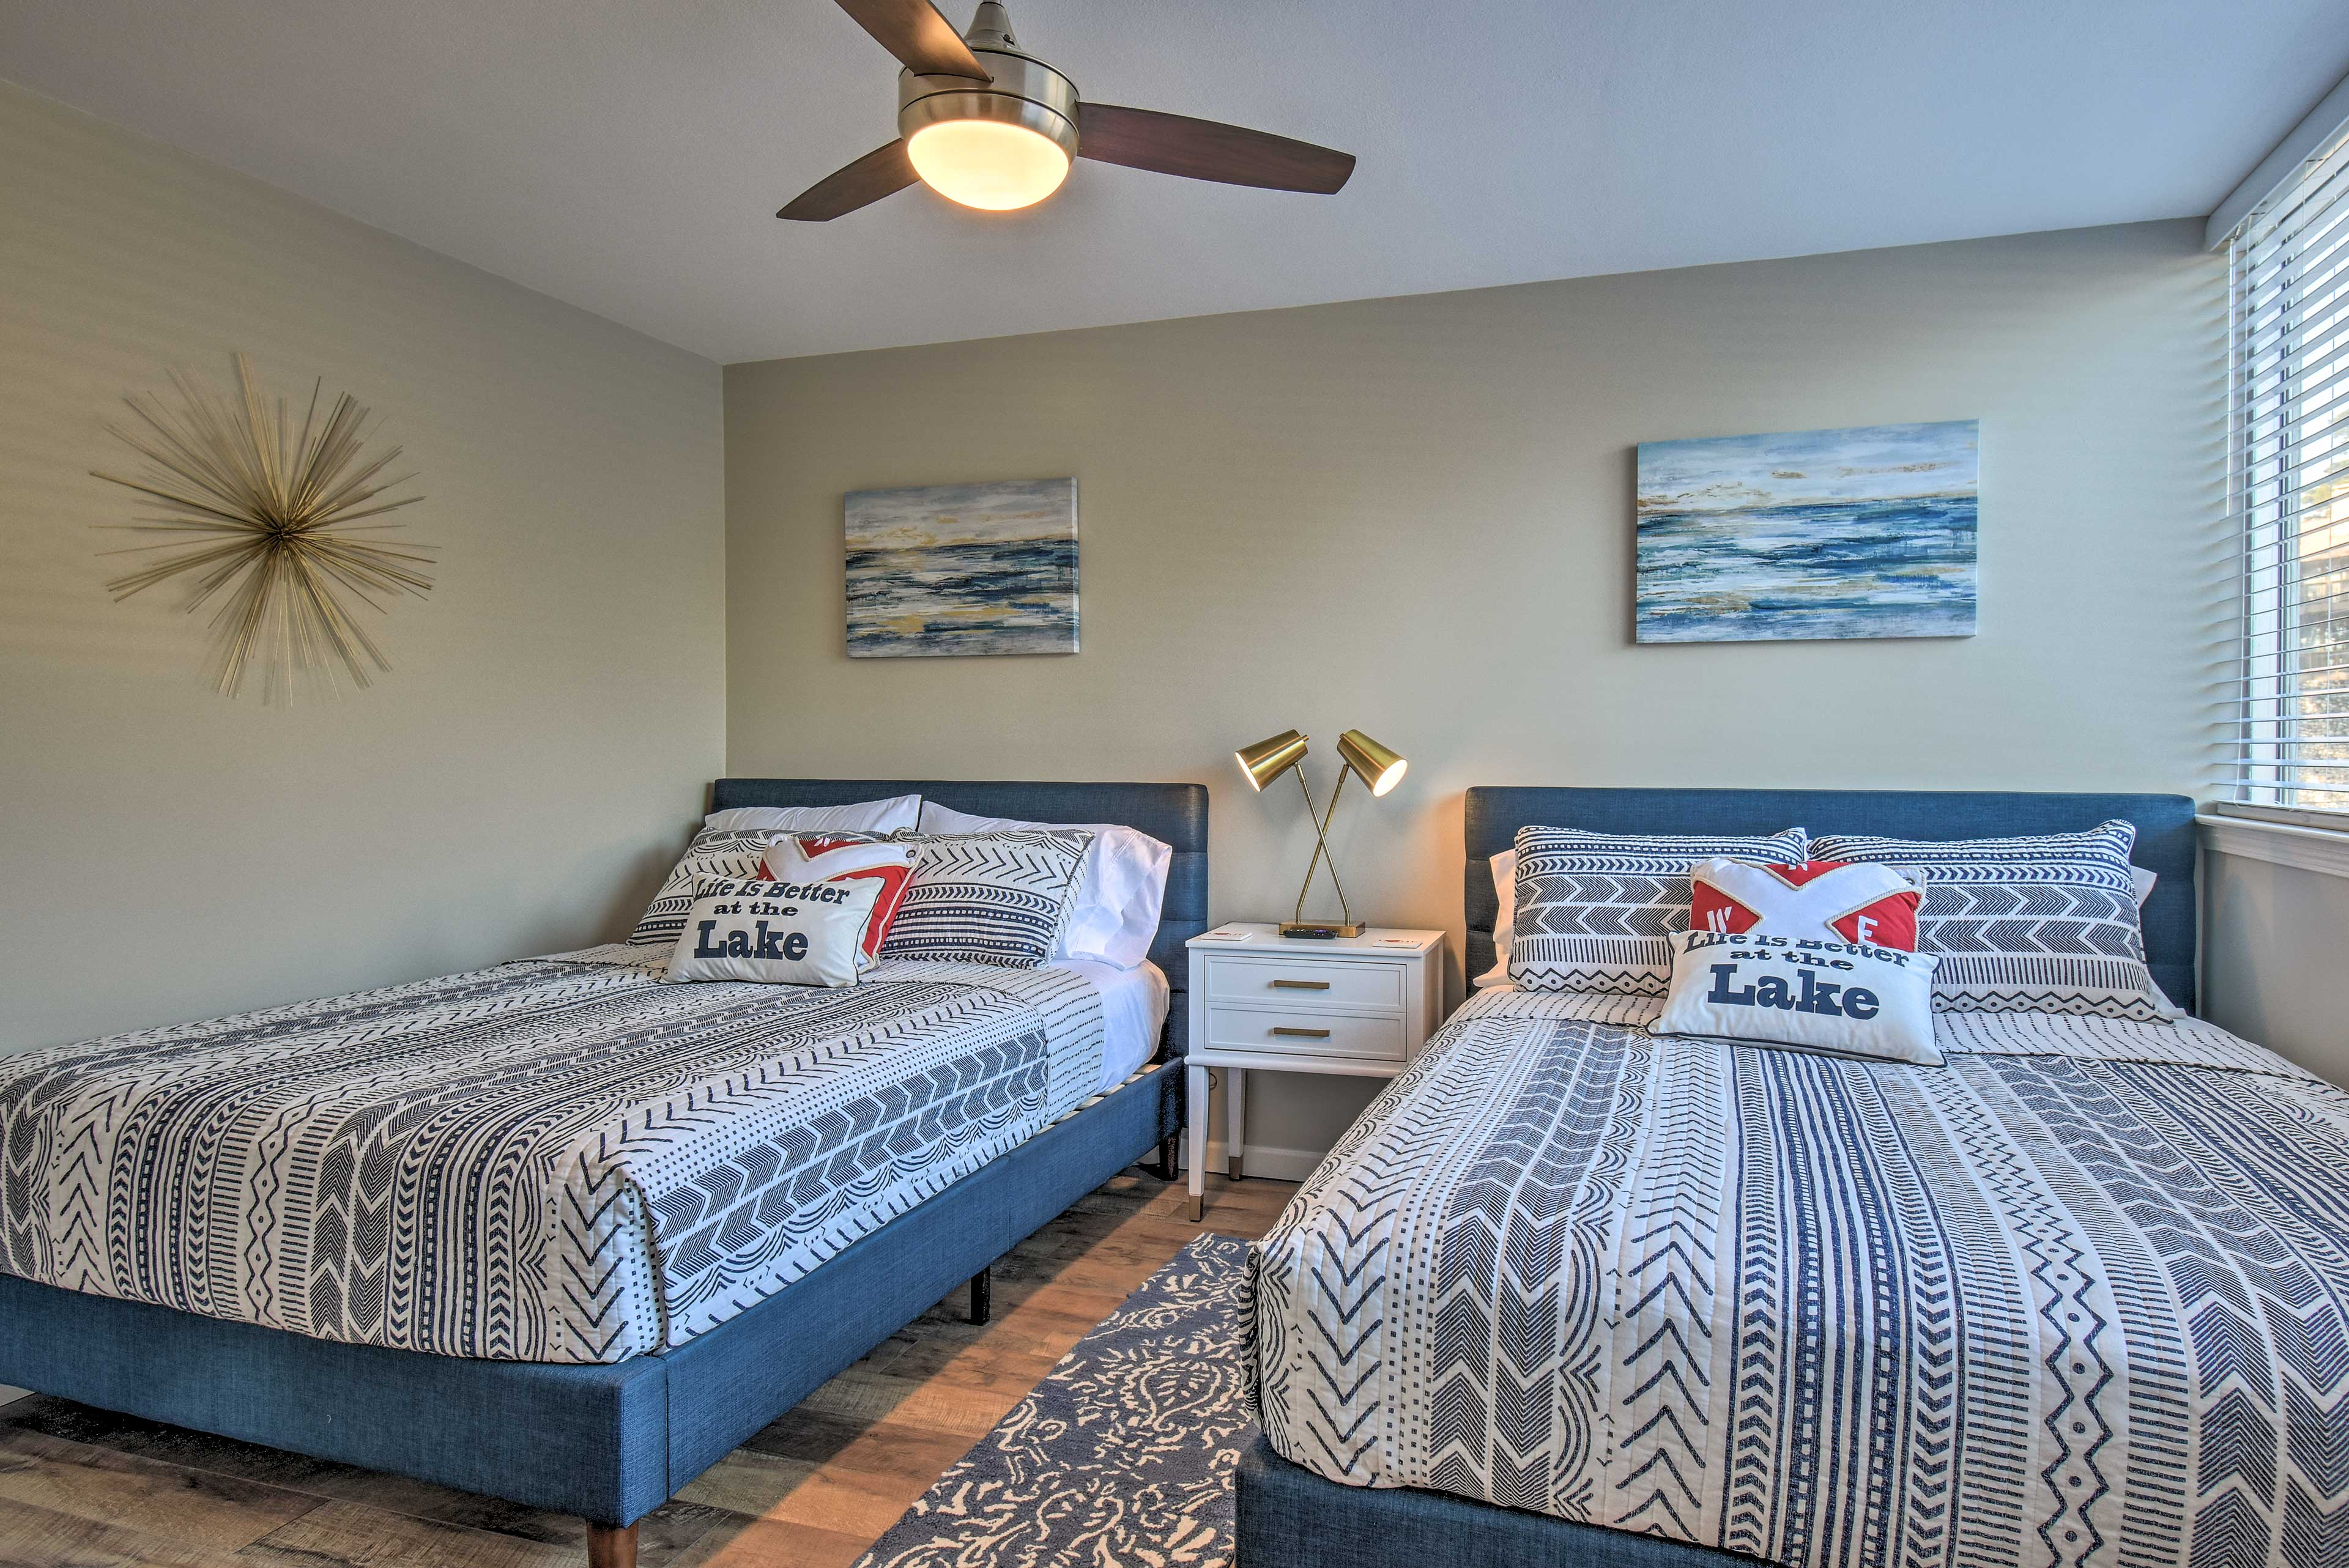 The second bedroom has 2 queen beds.